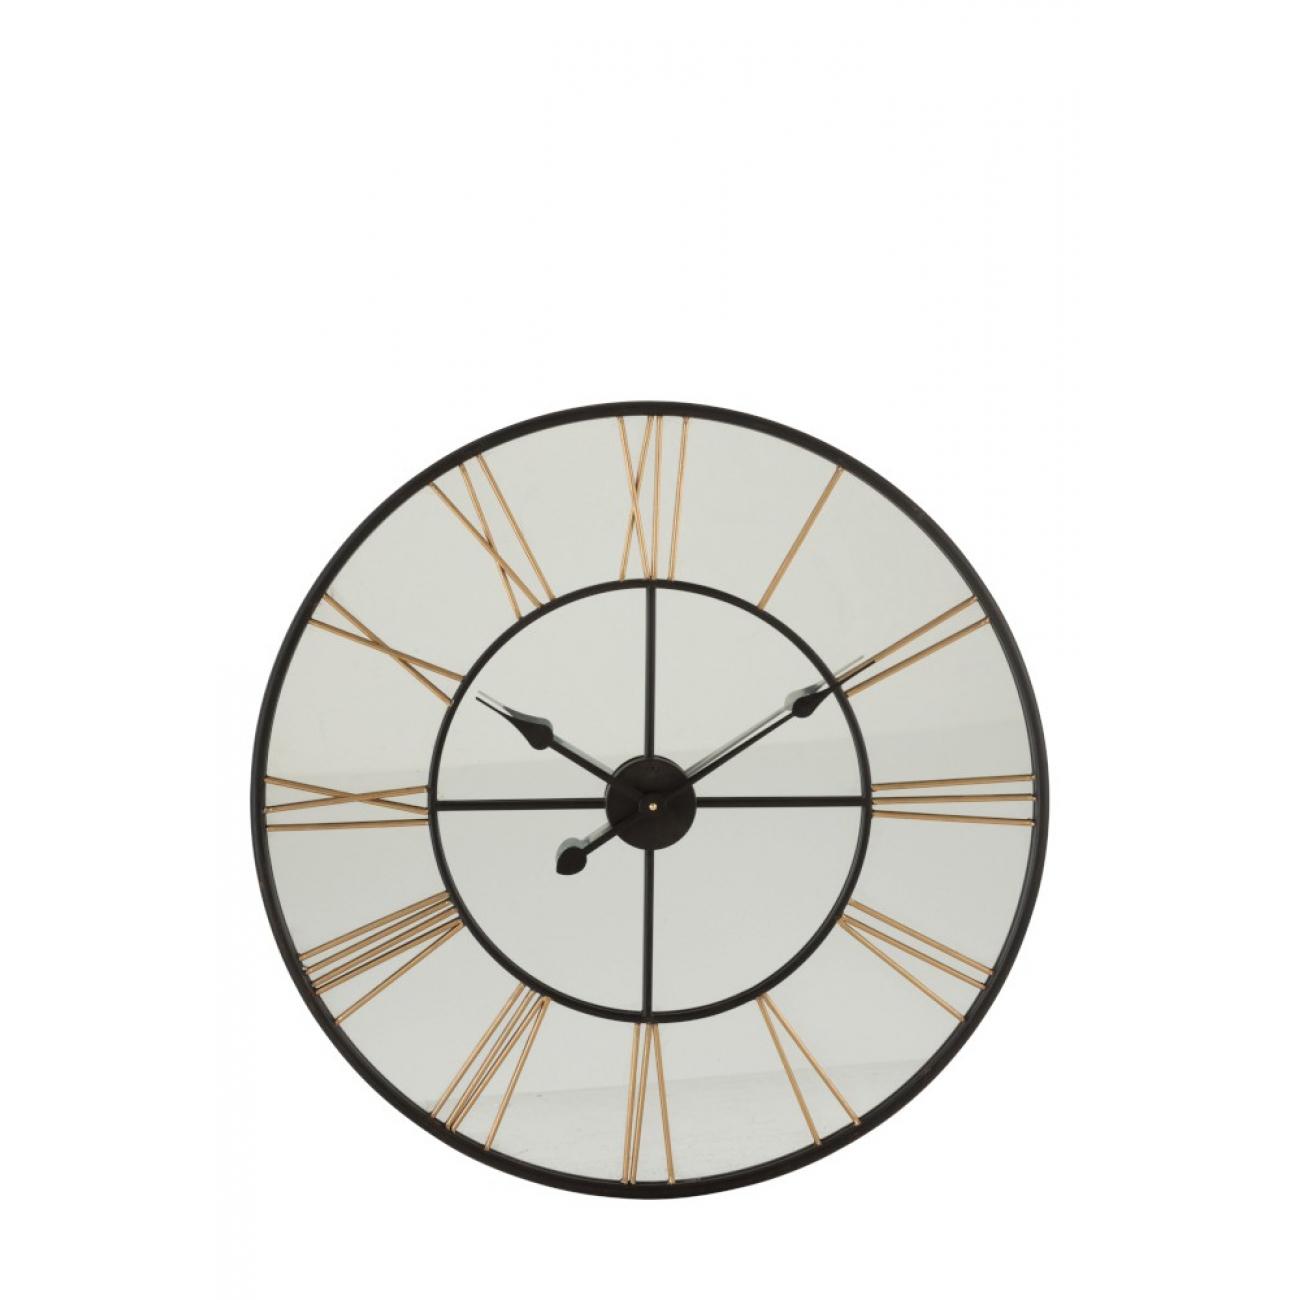 Настенные часы J-LINE круглые в металлическом корпусе  зеркальные диаметр 70 см